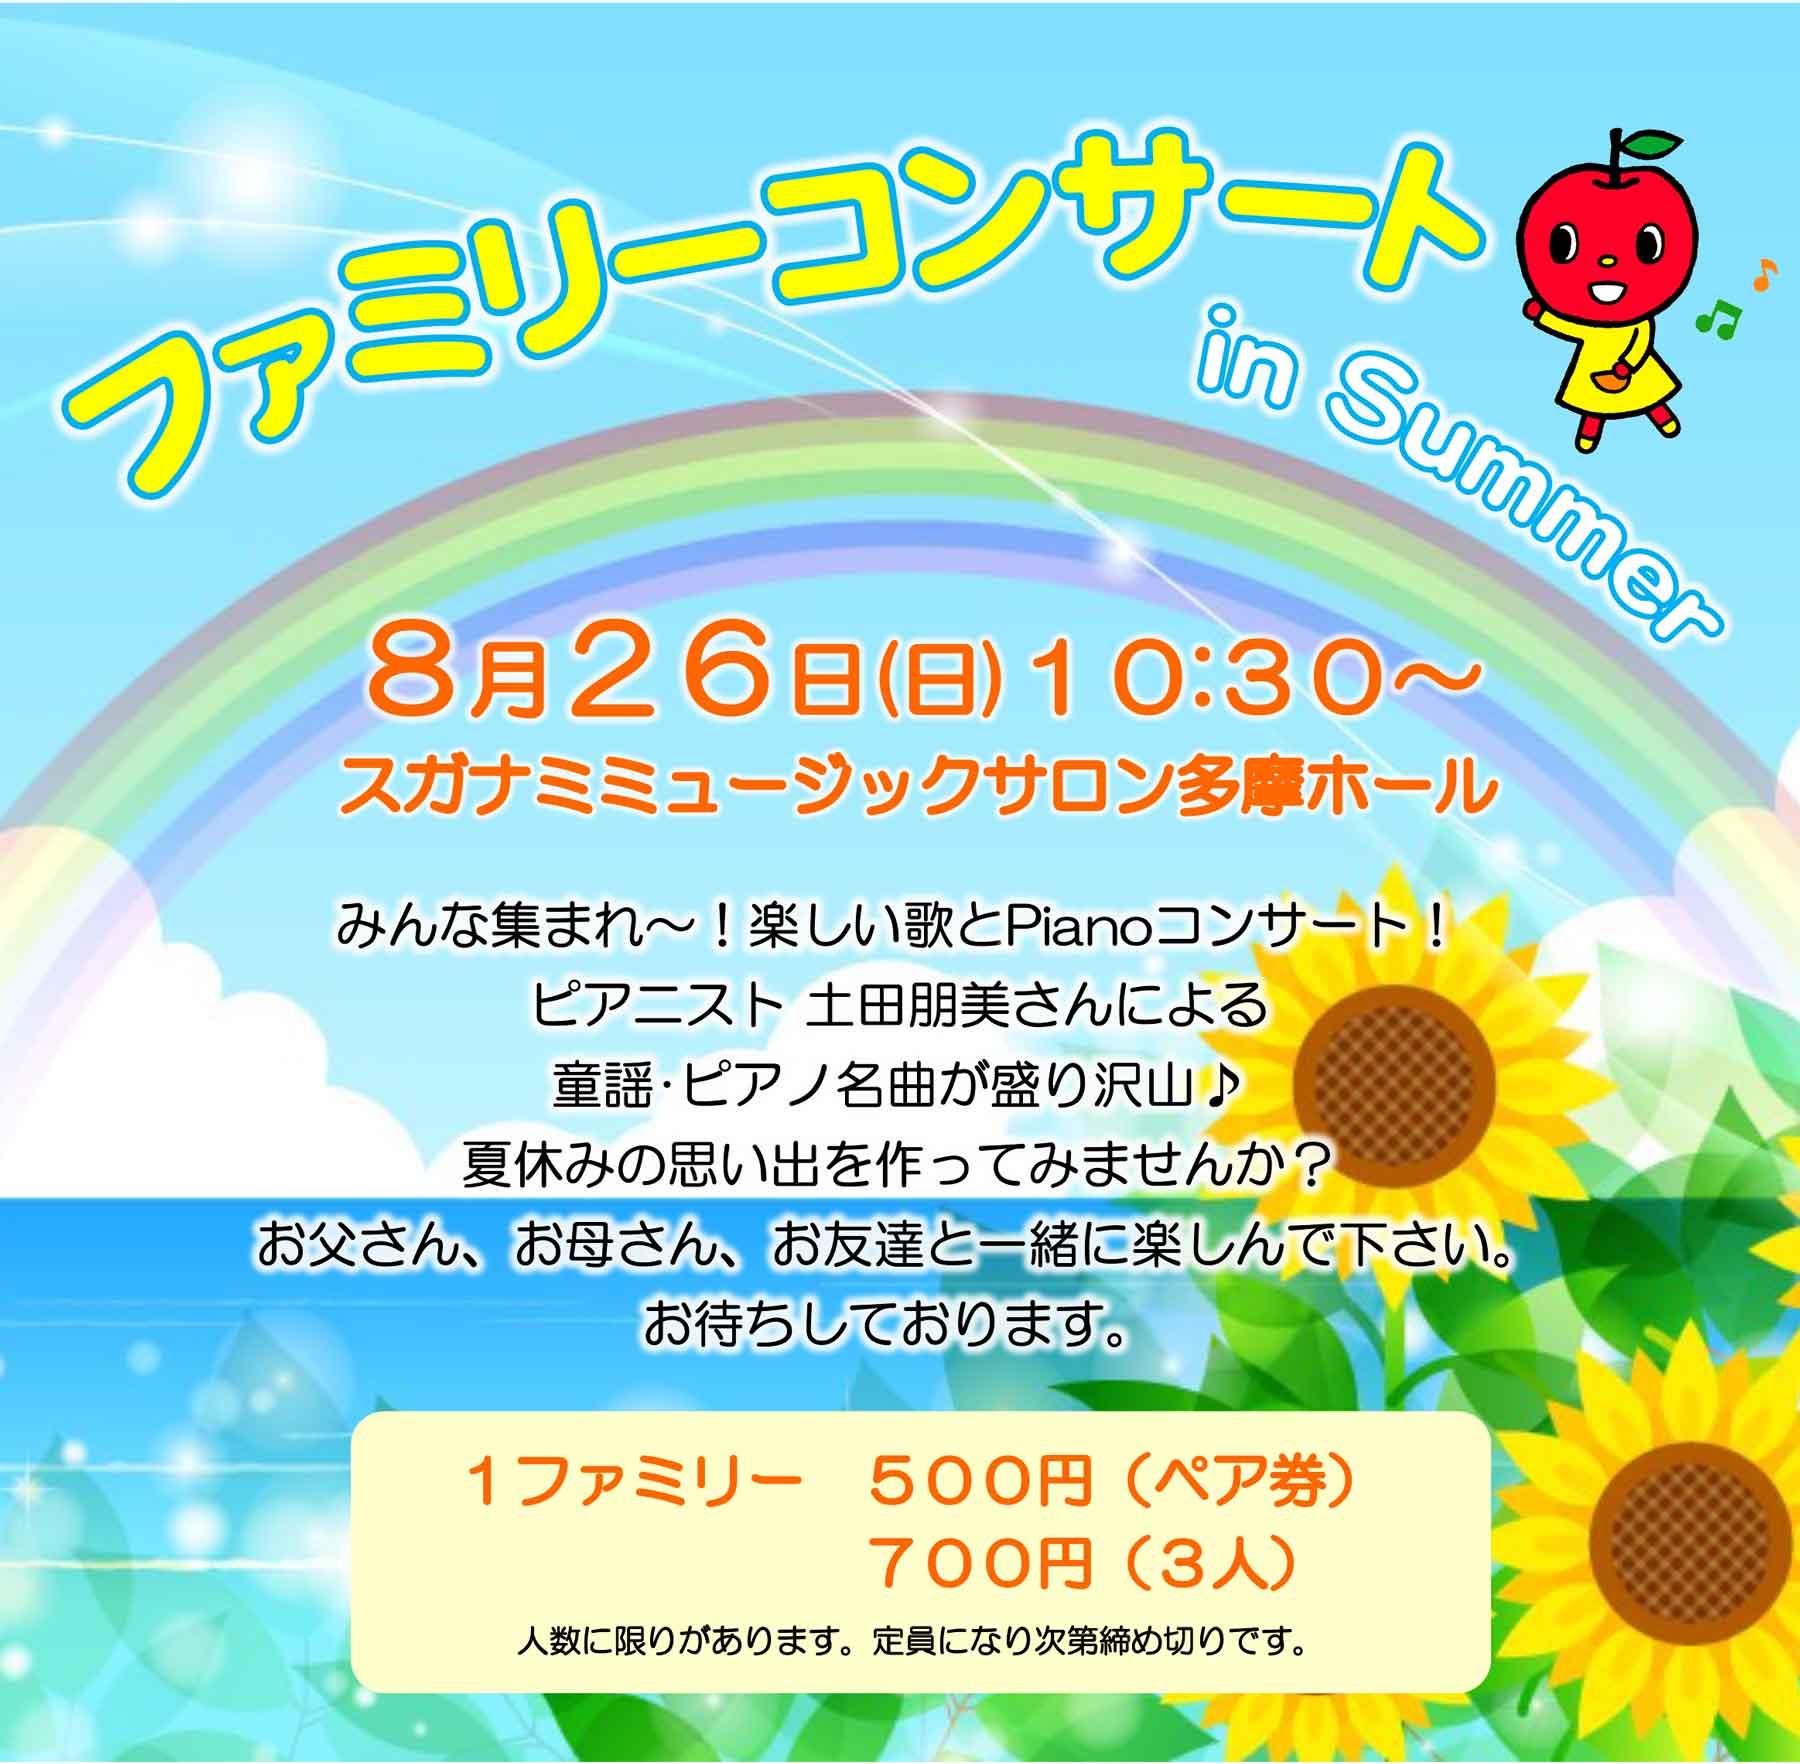 ピアニスト土田朋美さんによるファミリーコンサート